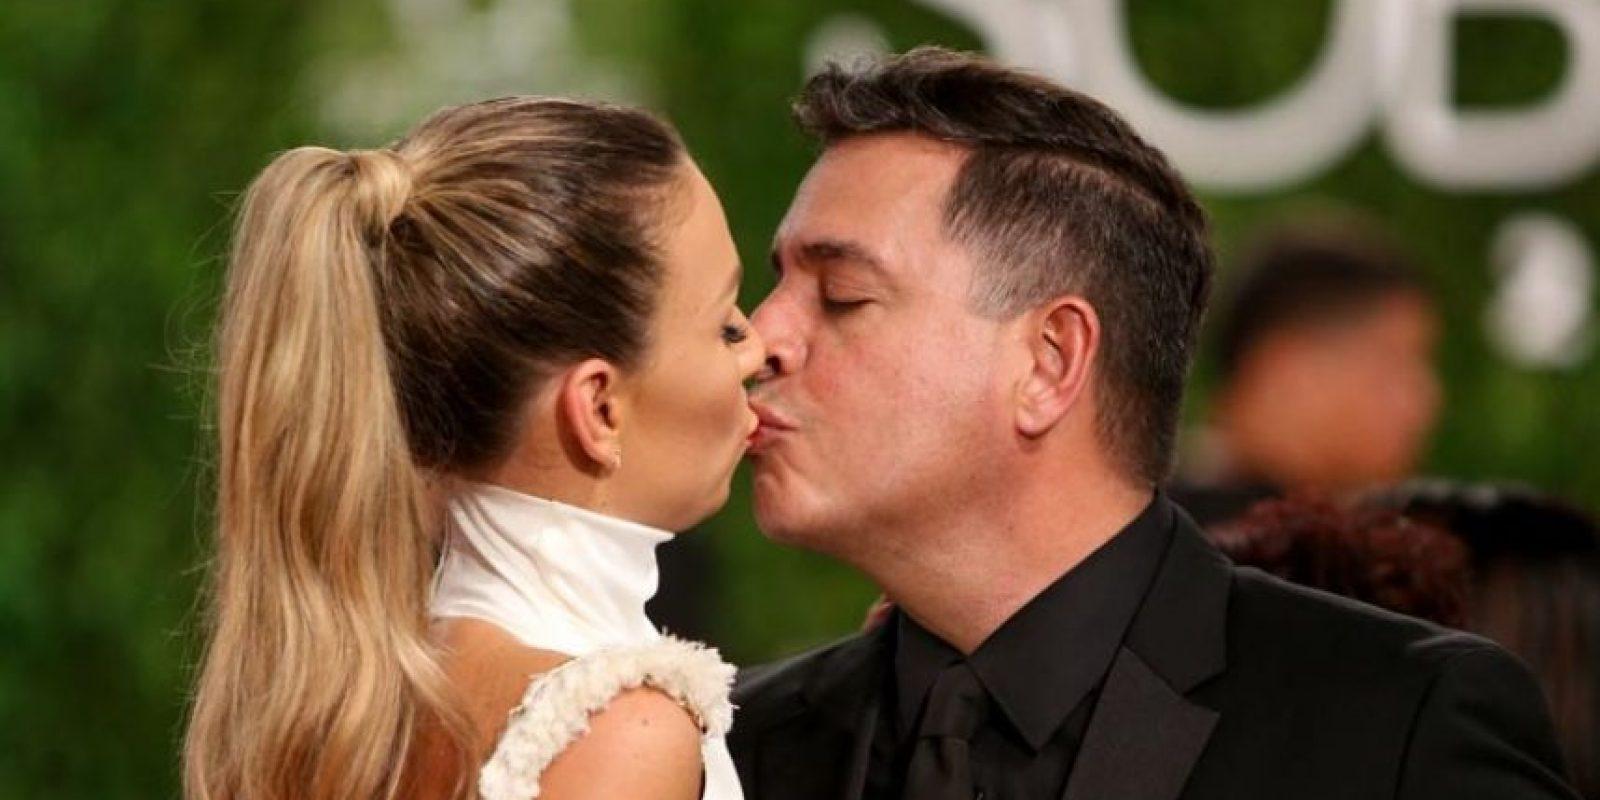 """Tus besos me enamoran. Daniel Sarcos, actor y presentador venezolano radicado en el país, le cantó una estrofa de """"Tus besos"""" de Juan Luis Guerra a su amada Alessandra Villegas. Foto:Mario de Peña"""